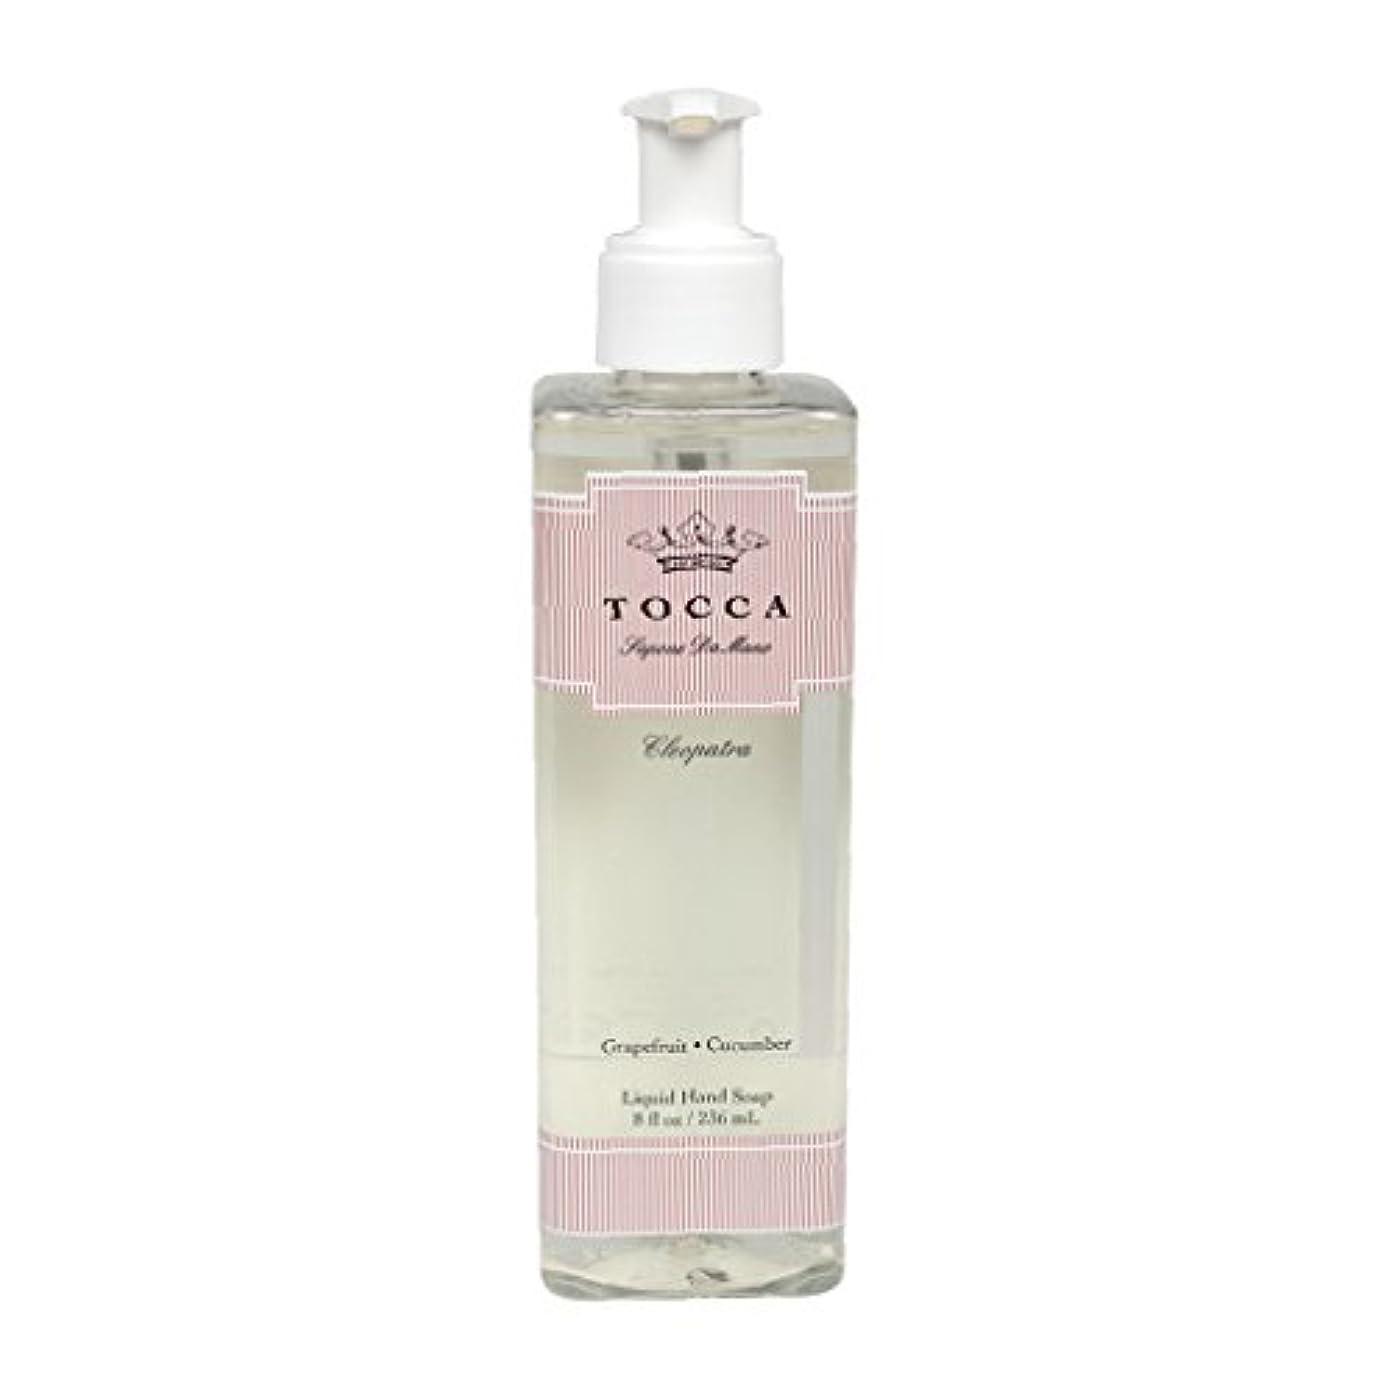 オセアニア祭り名誉トッカ(TOCCA) ハンドソープ クレオパトラの香り 236ml(手洗用 ポンプタイプ グレープフルーツとキューカンバーのフレッシュでクリーンな香り)